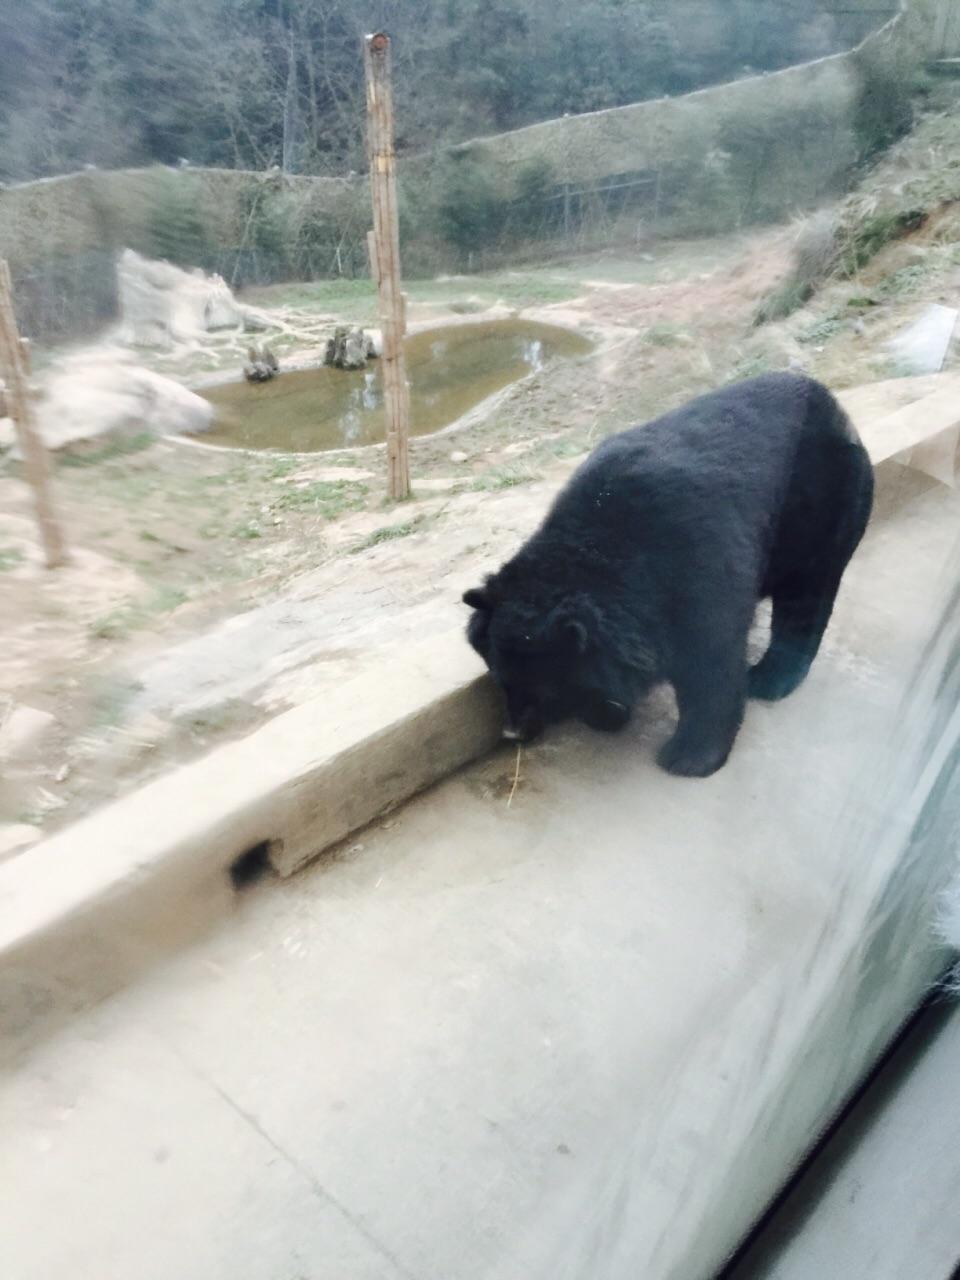 野生动物乐园小朋友还是比较喜欢的,里面有鹦鹉,黑熊,老虎,狮子,大象